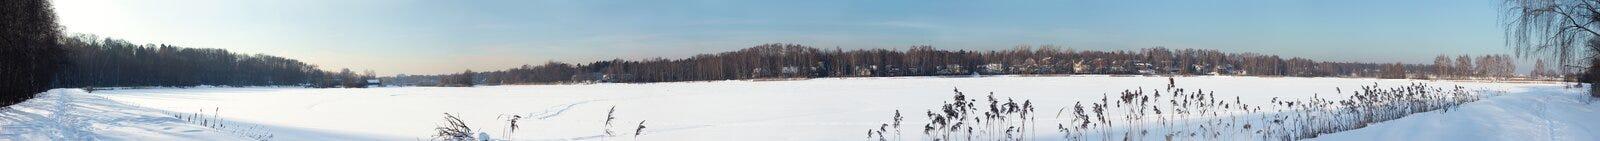 панорамно стоковые фотографии rf